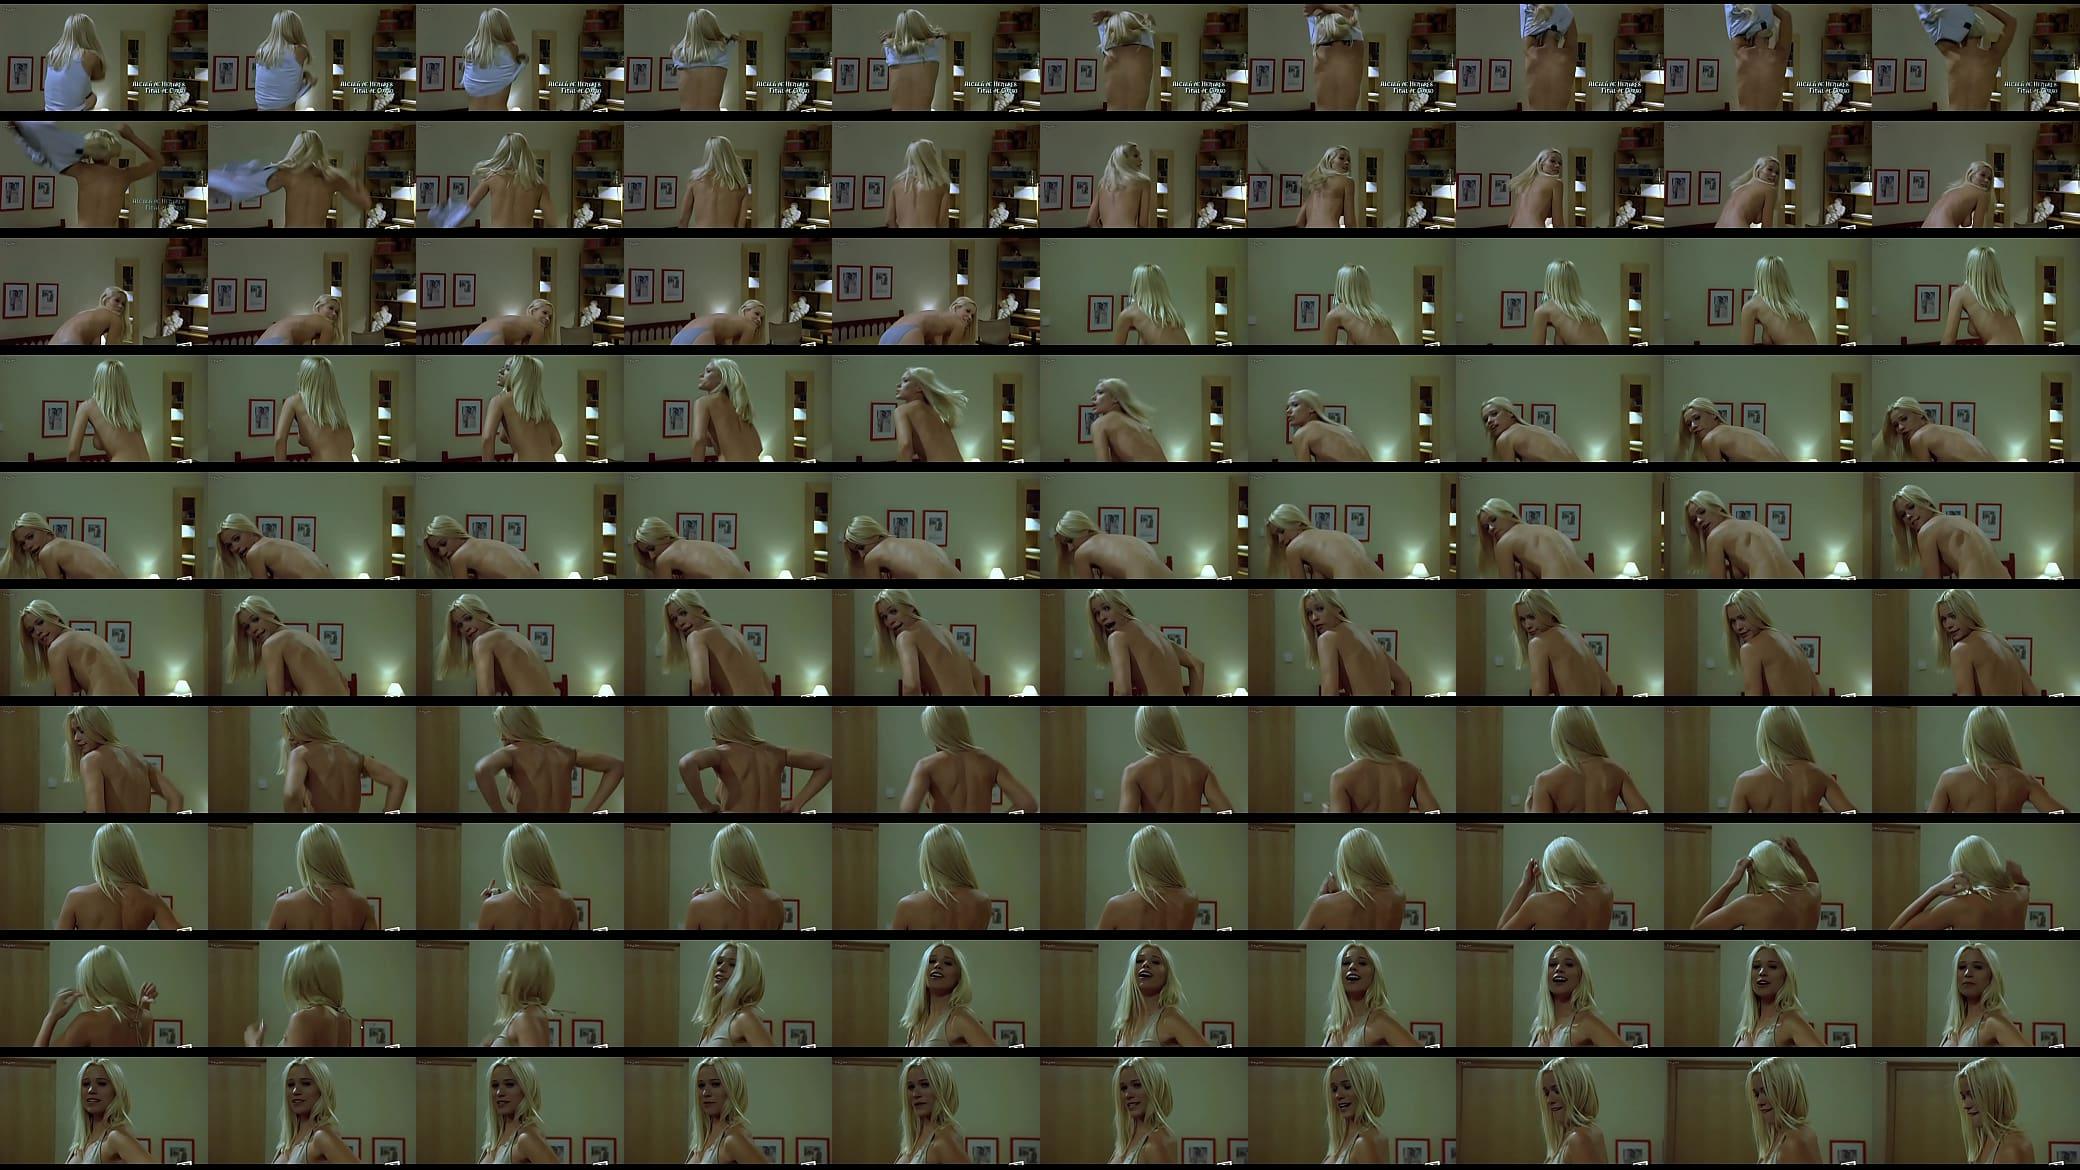 Carla Hidalgo Foto Porno carla hidalgo - xnxx